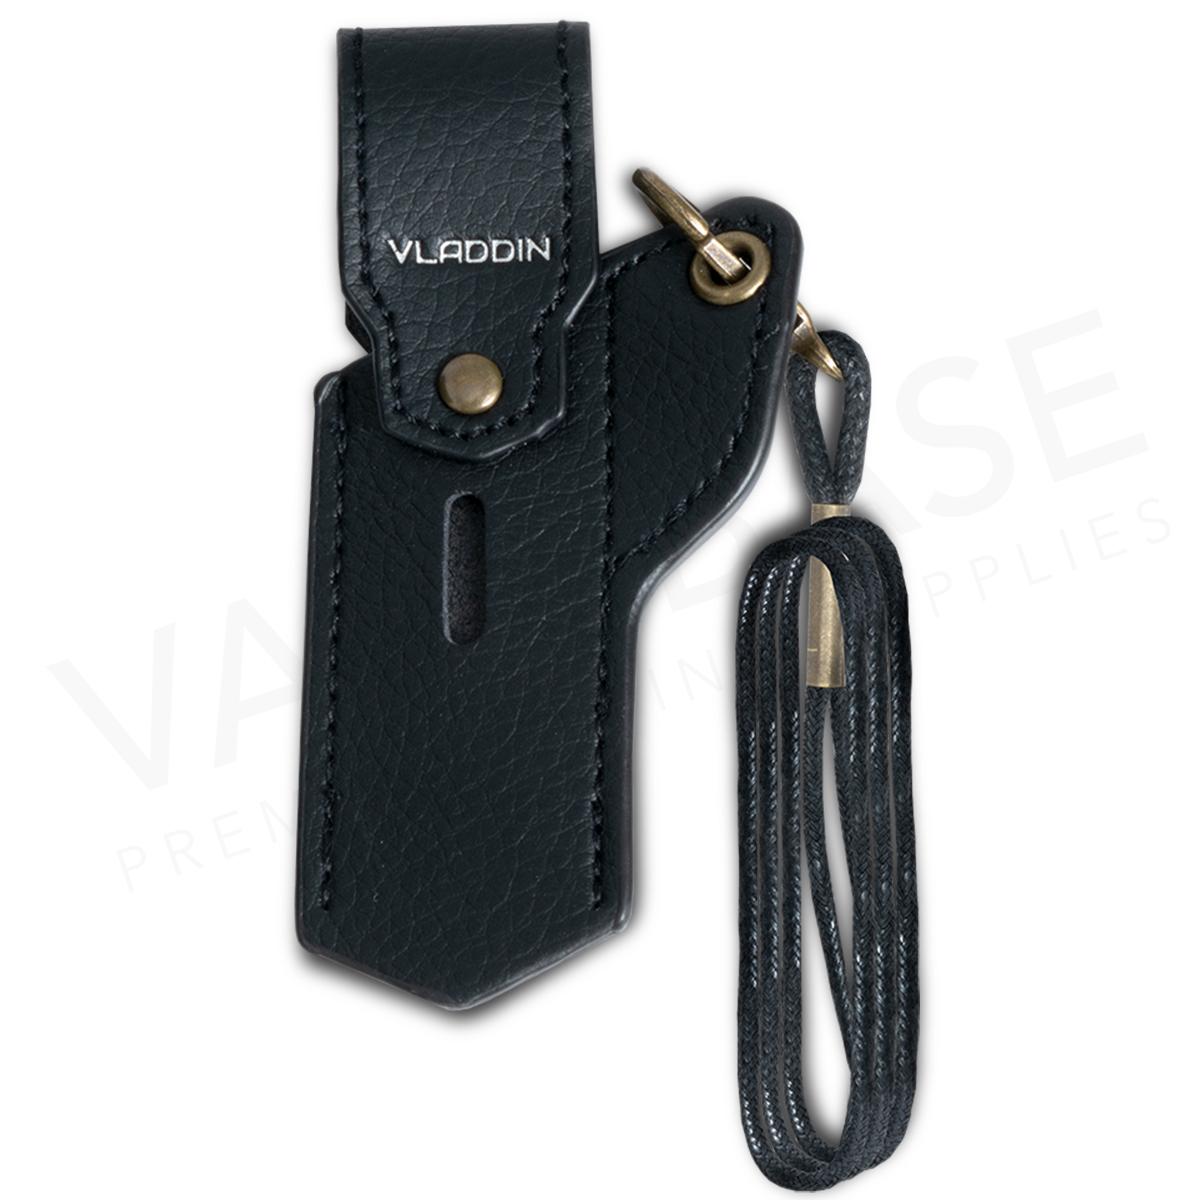 Vladdin RE Leather Vape Case